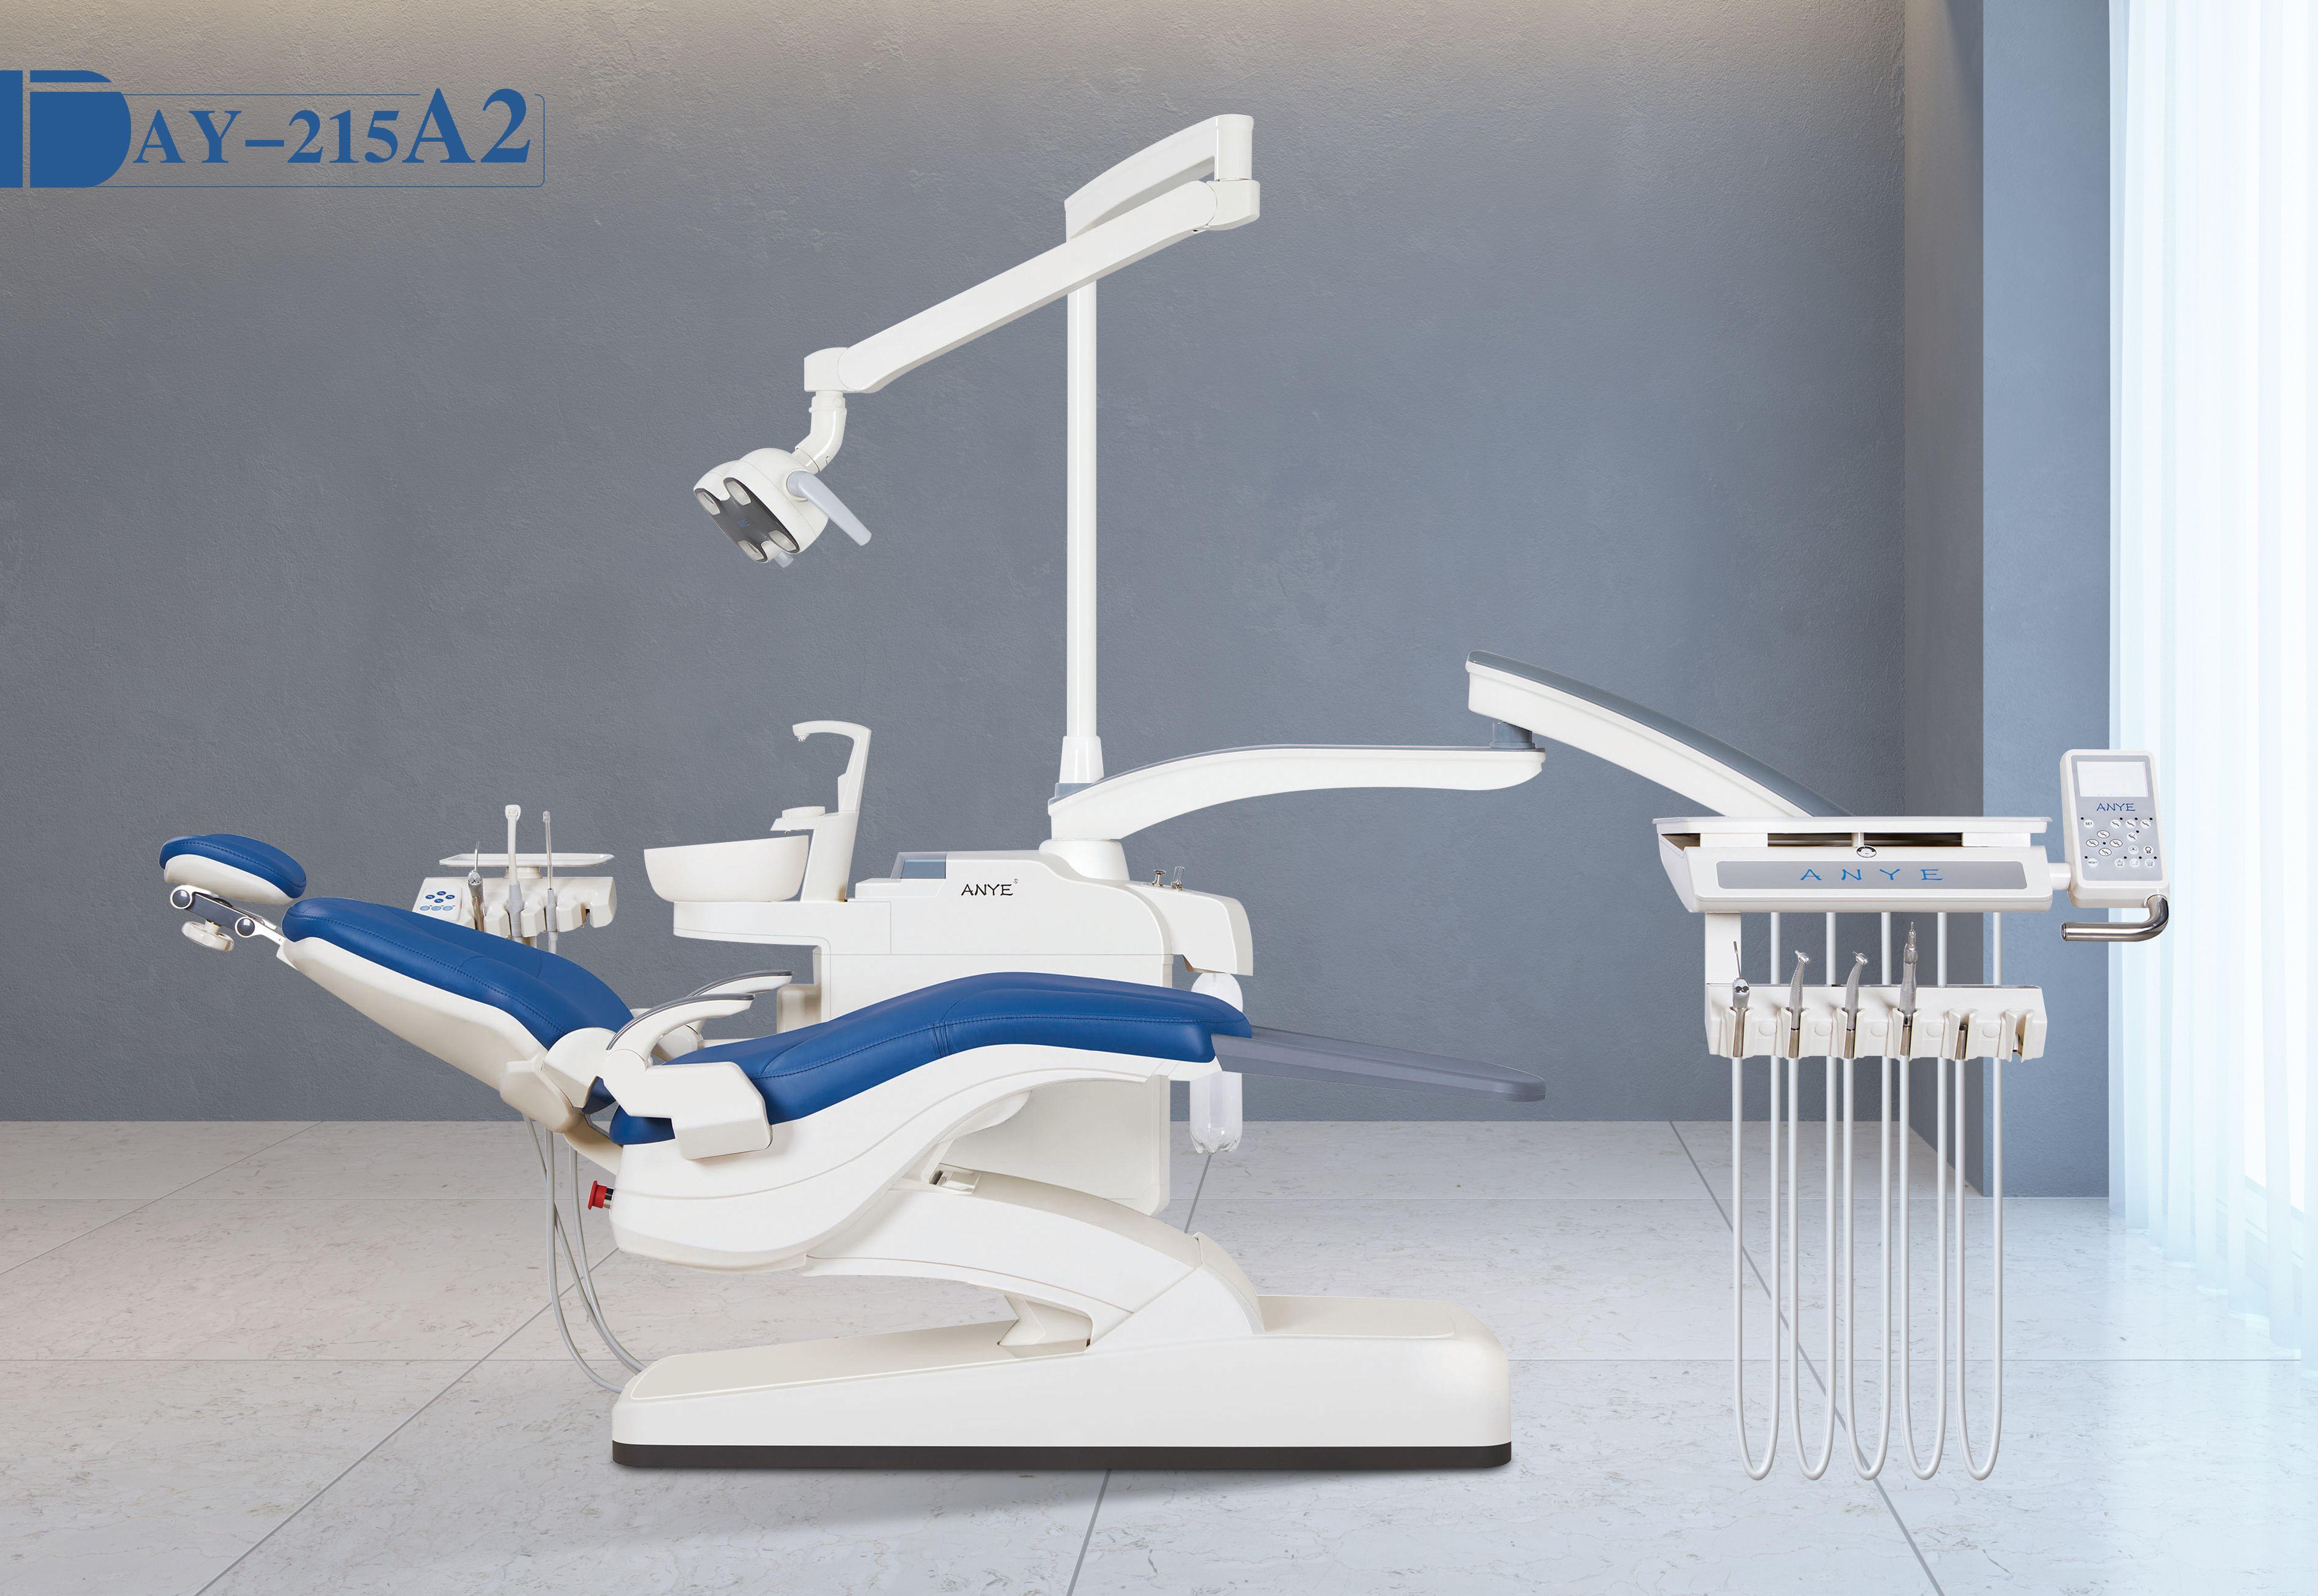 AY-215A2